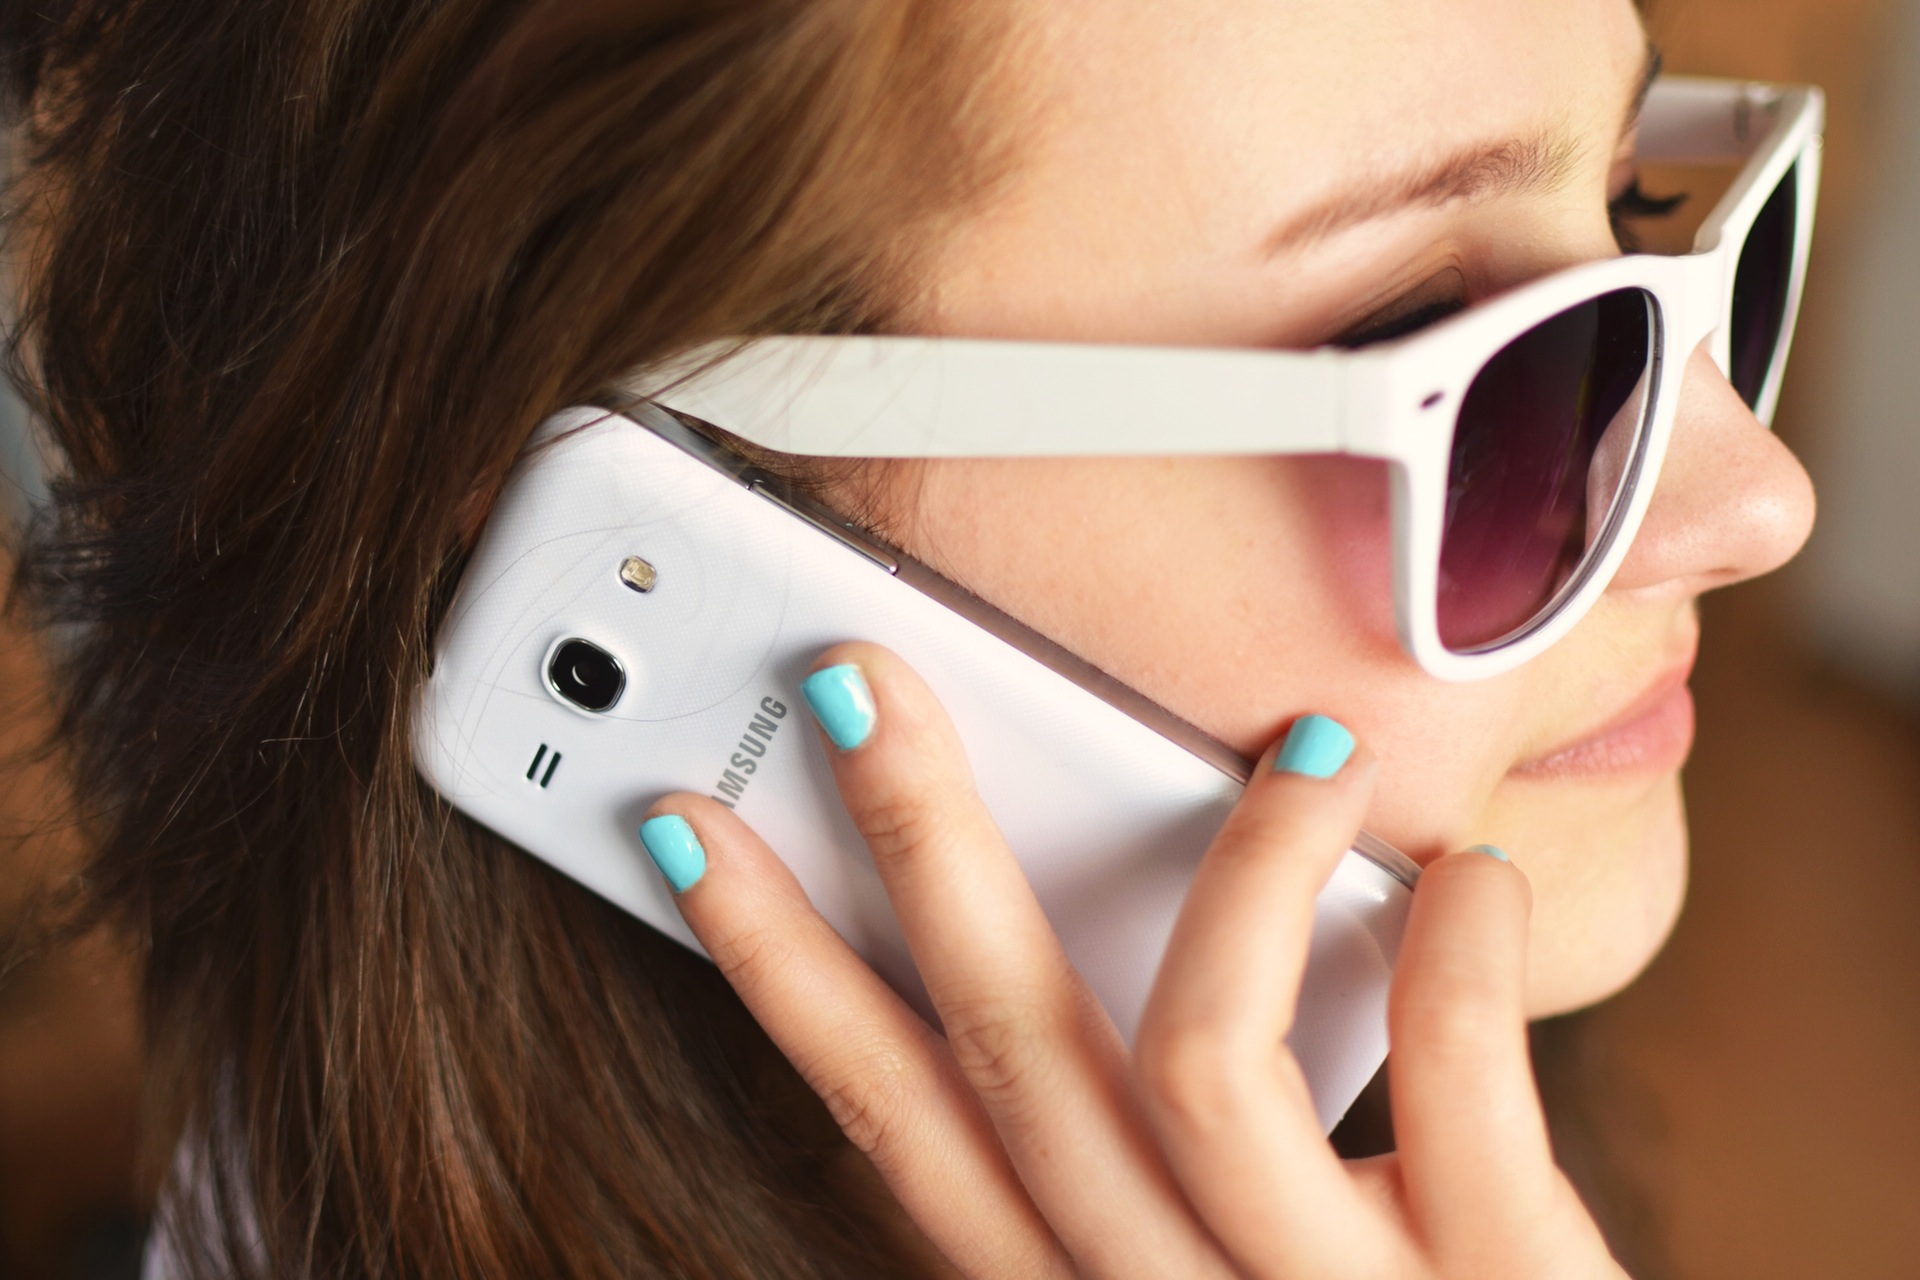 Vypnutý telefon. Luxus nebo nutnost?